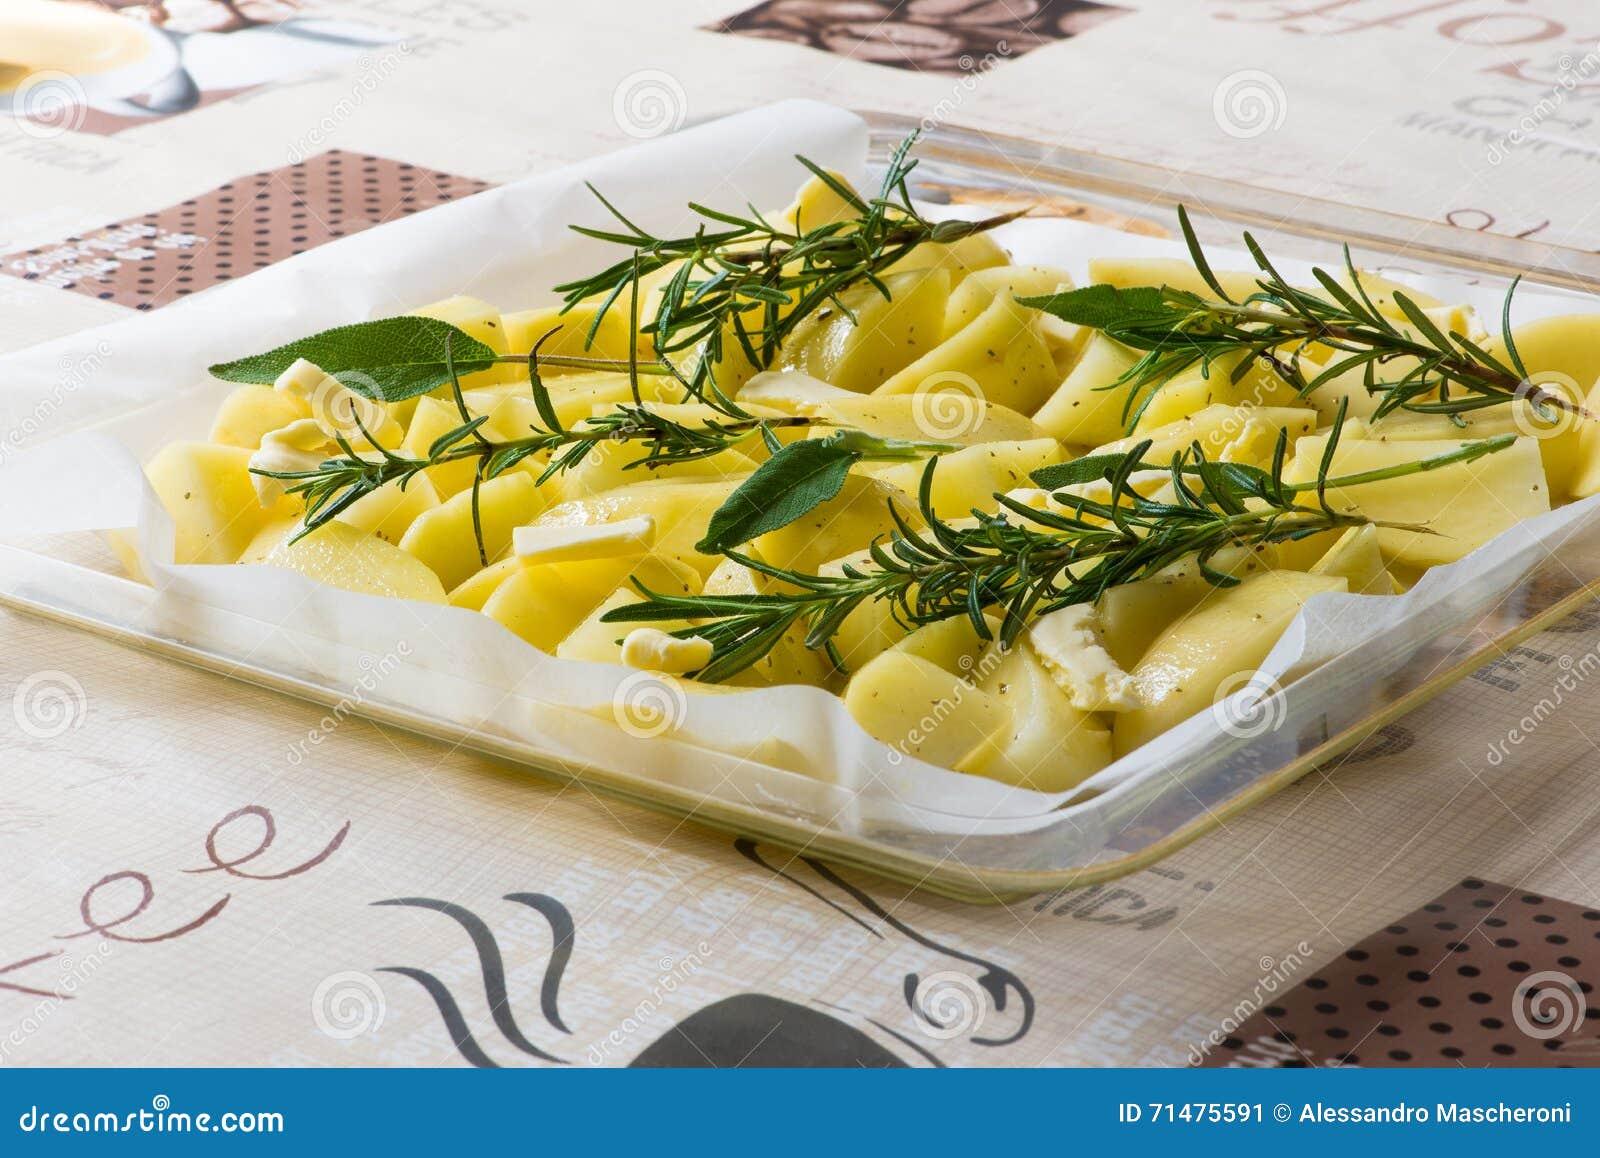 Patate al forno da cucinare ingredienti sale rosmarini for Cucinare wurstel al forno